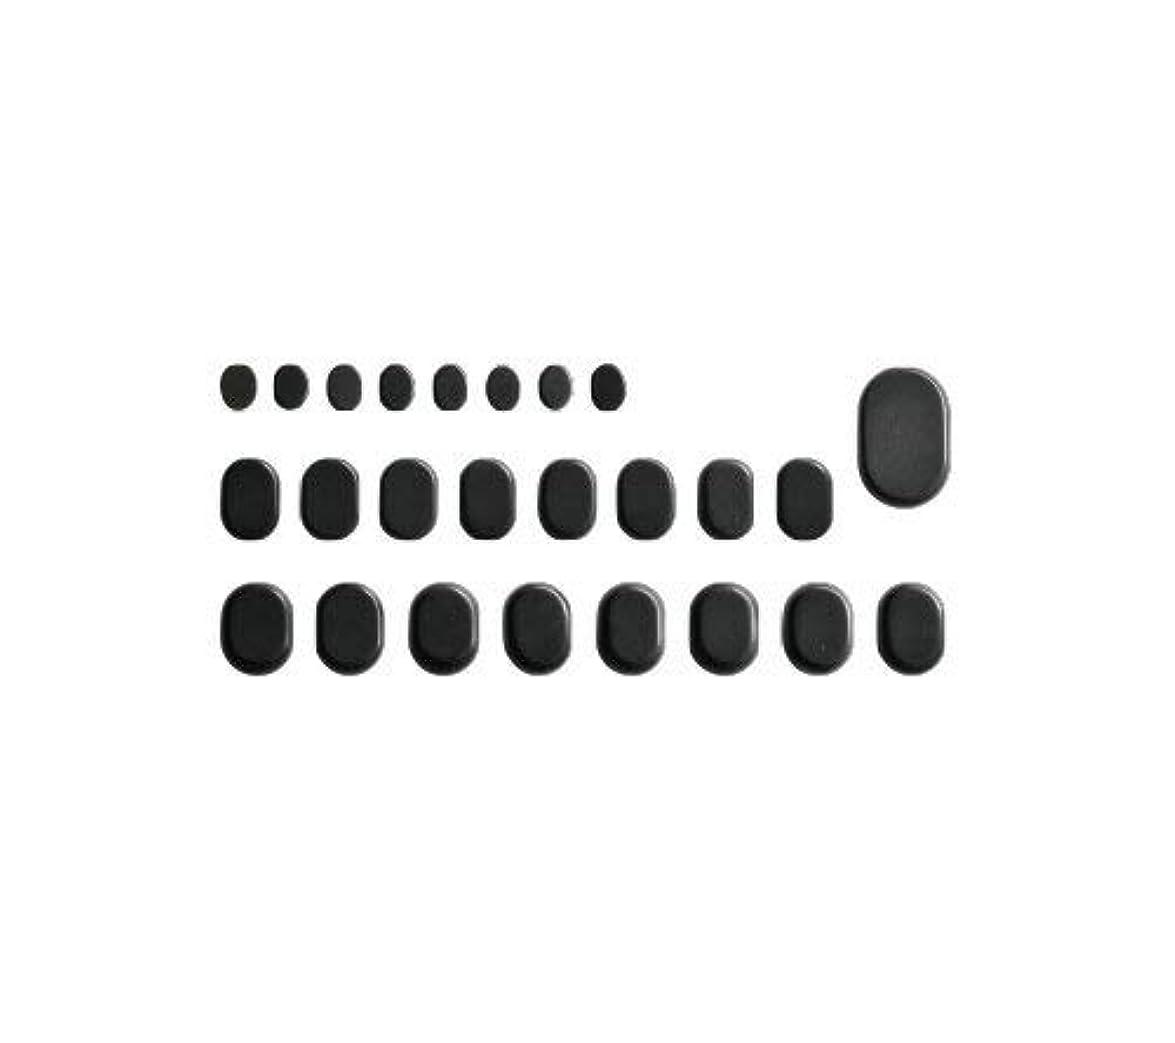 修正するよろめくハウスホットストーン バサルト 25 成形 玄武岩 [ ホット ストーン ストーンヒーター スパ ロミロミ ハワイ ハワイアン マッサージ ]